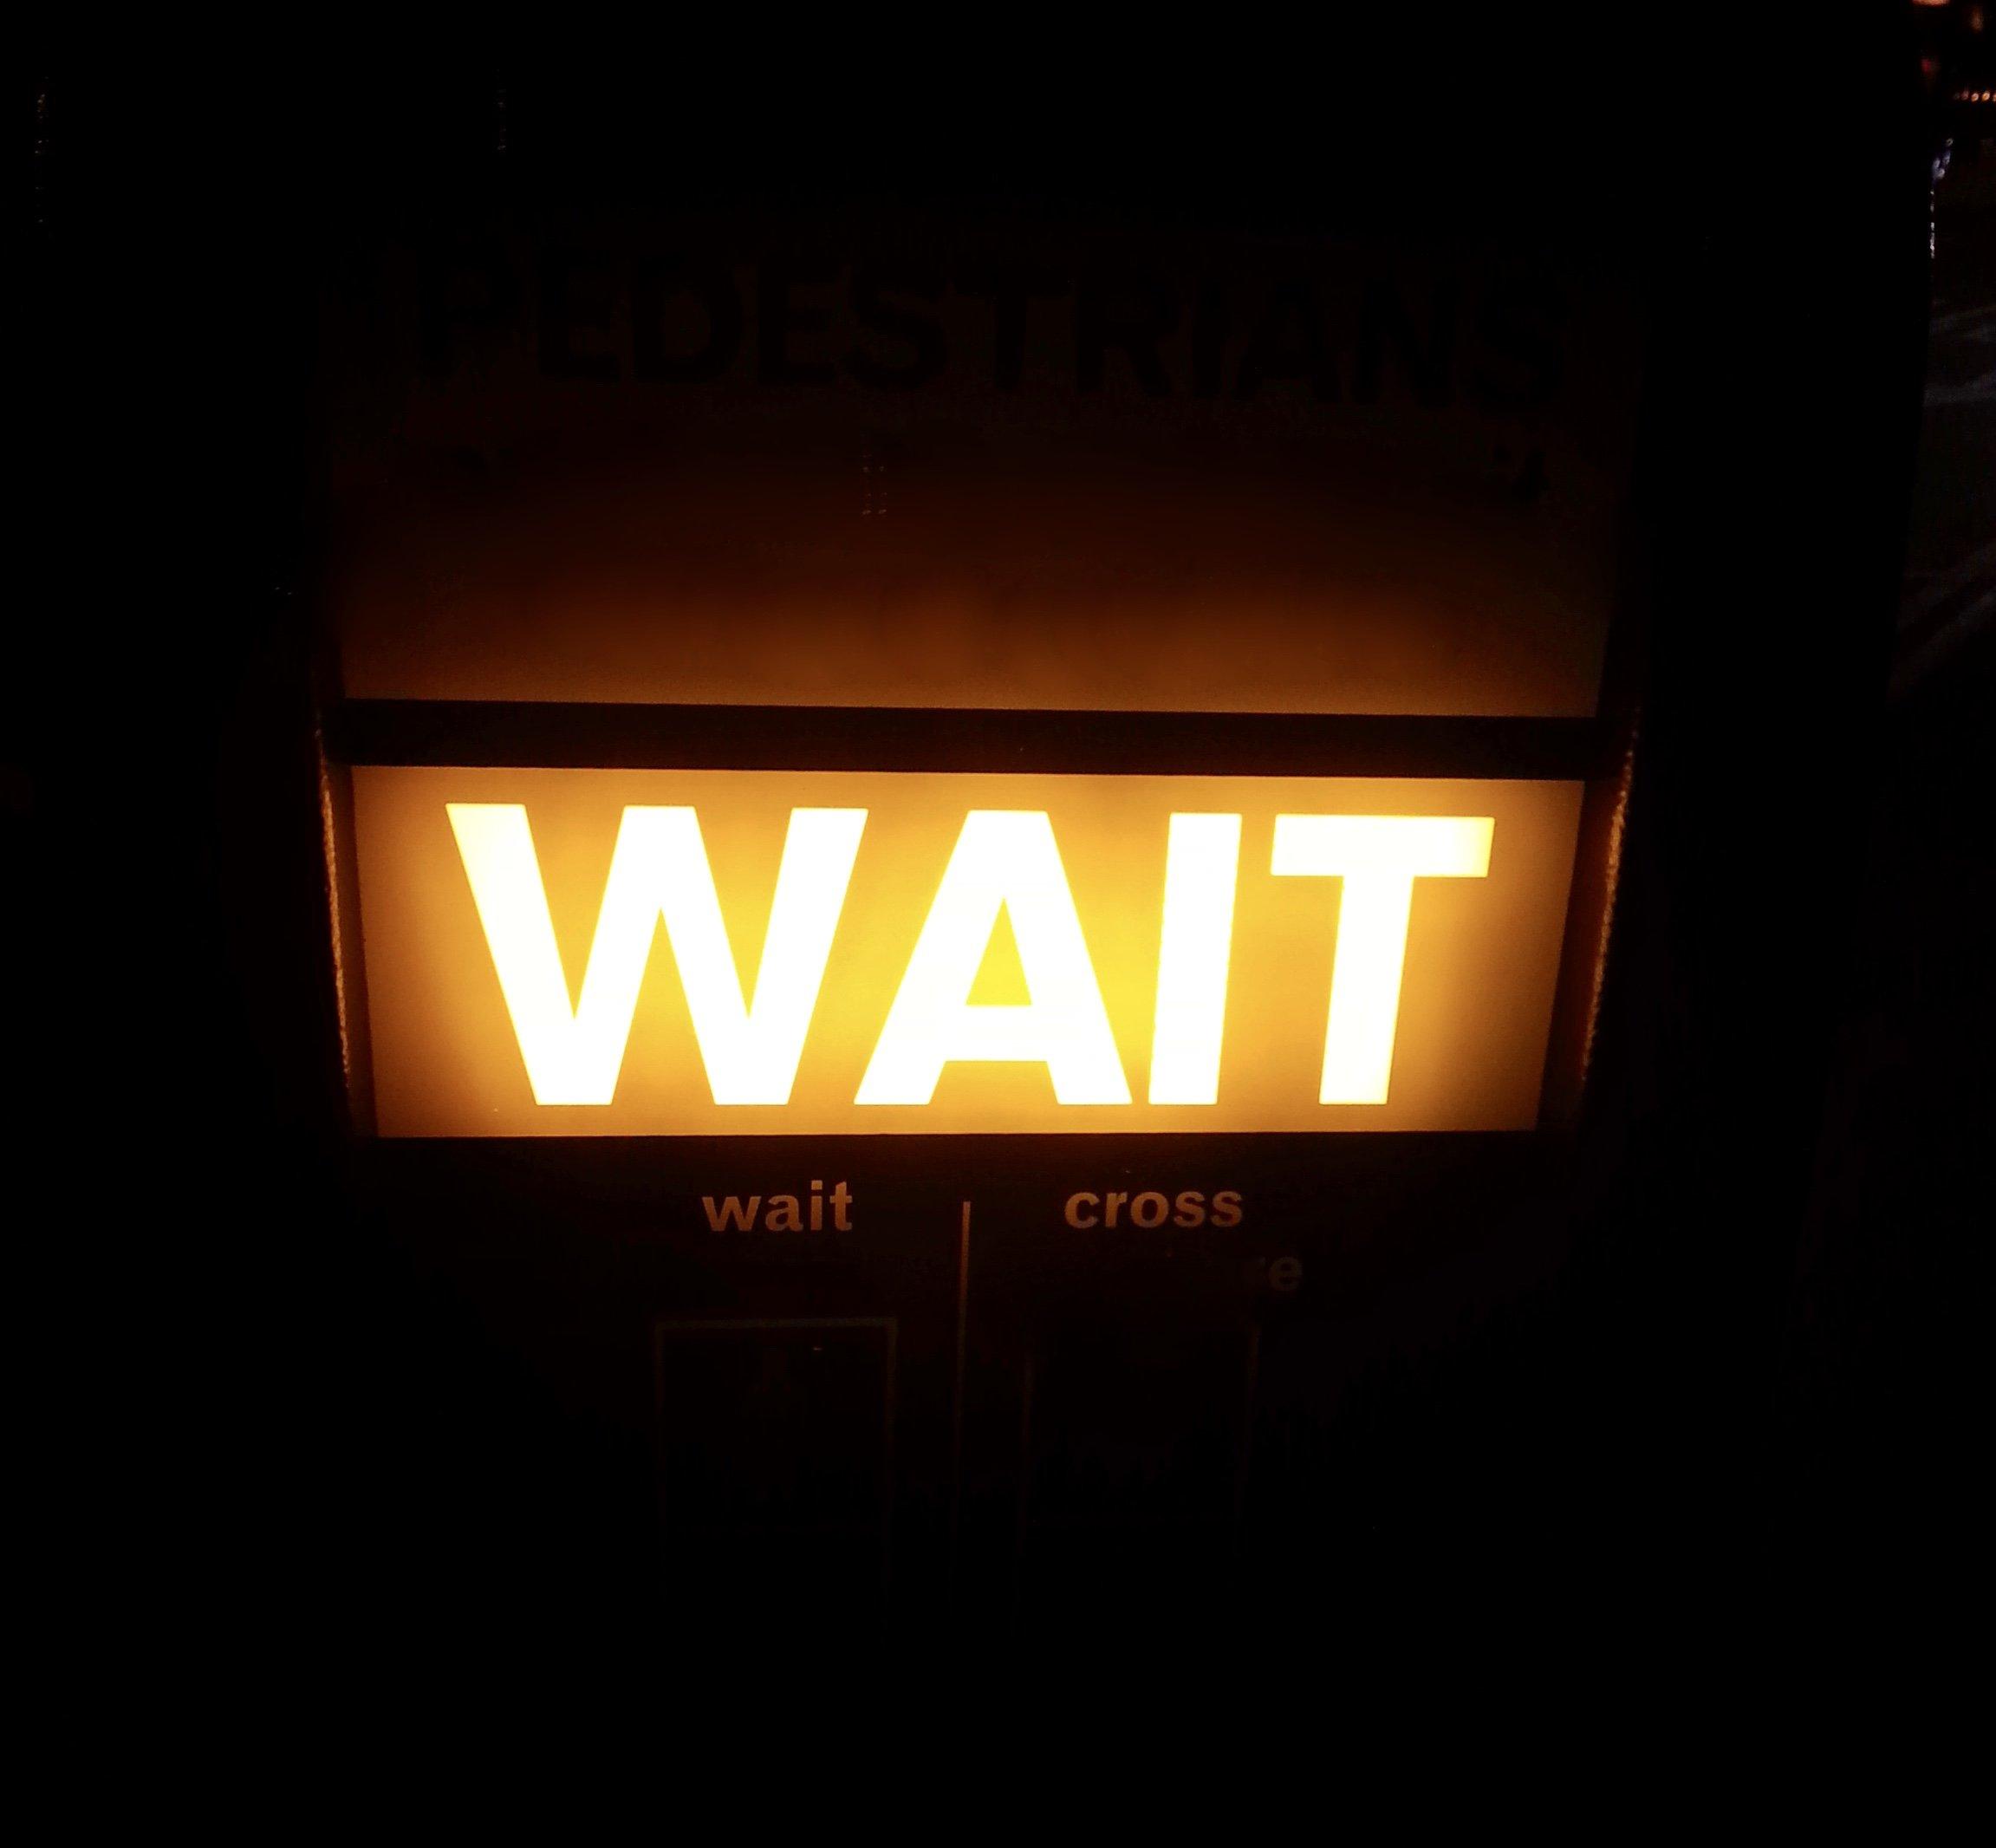 Signage says WAIT